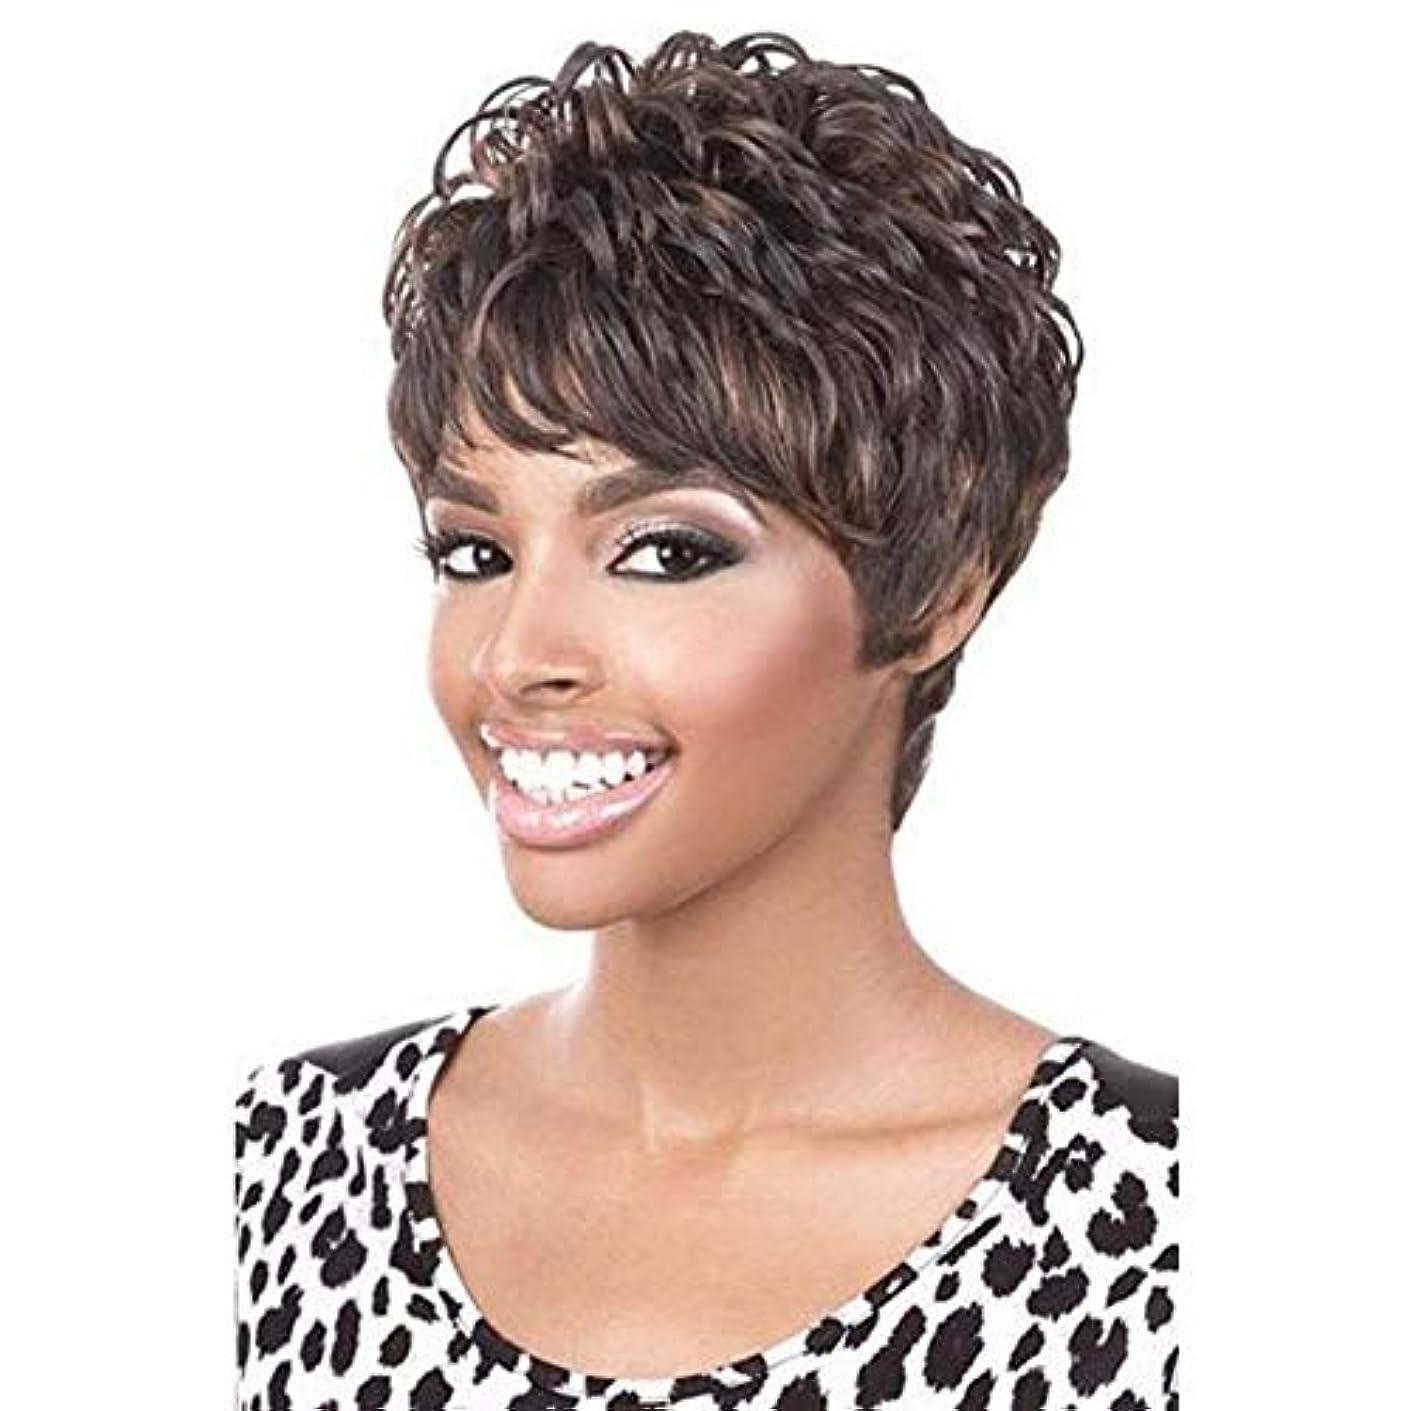 クラックダニ儀式YOUQIU 前髪+無料ウィッグキャップのかつらを持つ女性人工毛のためにショートブラウンウィッグコスプレウィッグ (色 : ブラウン)